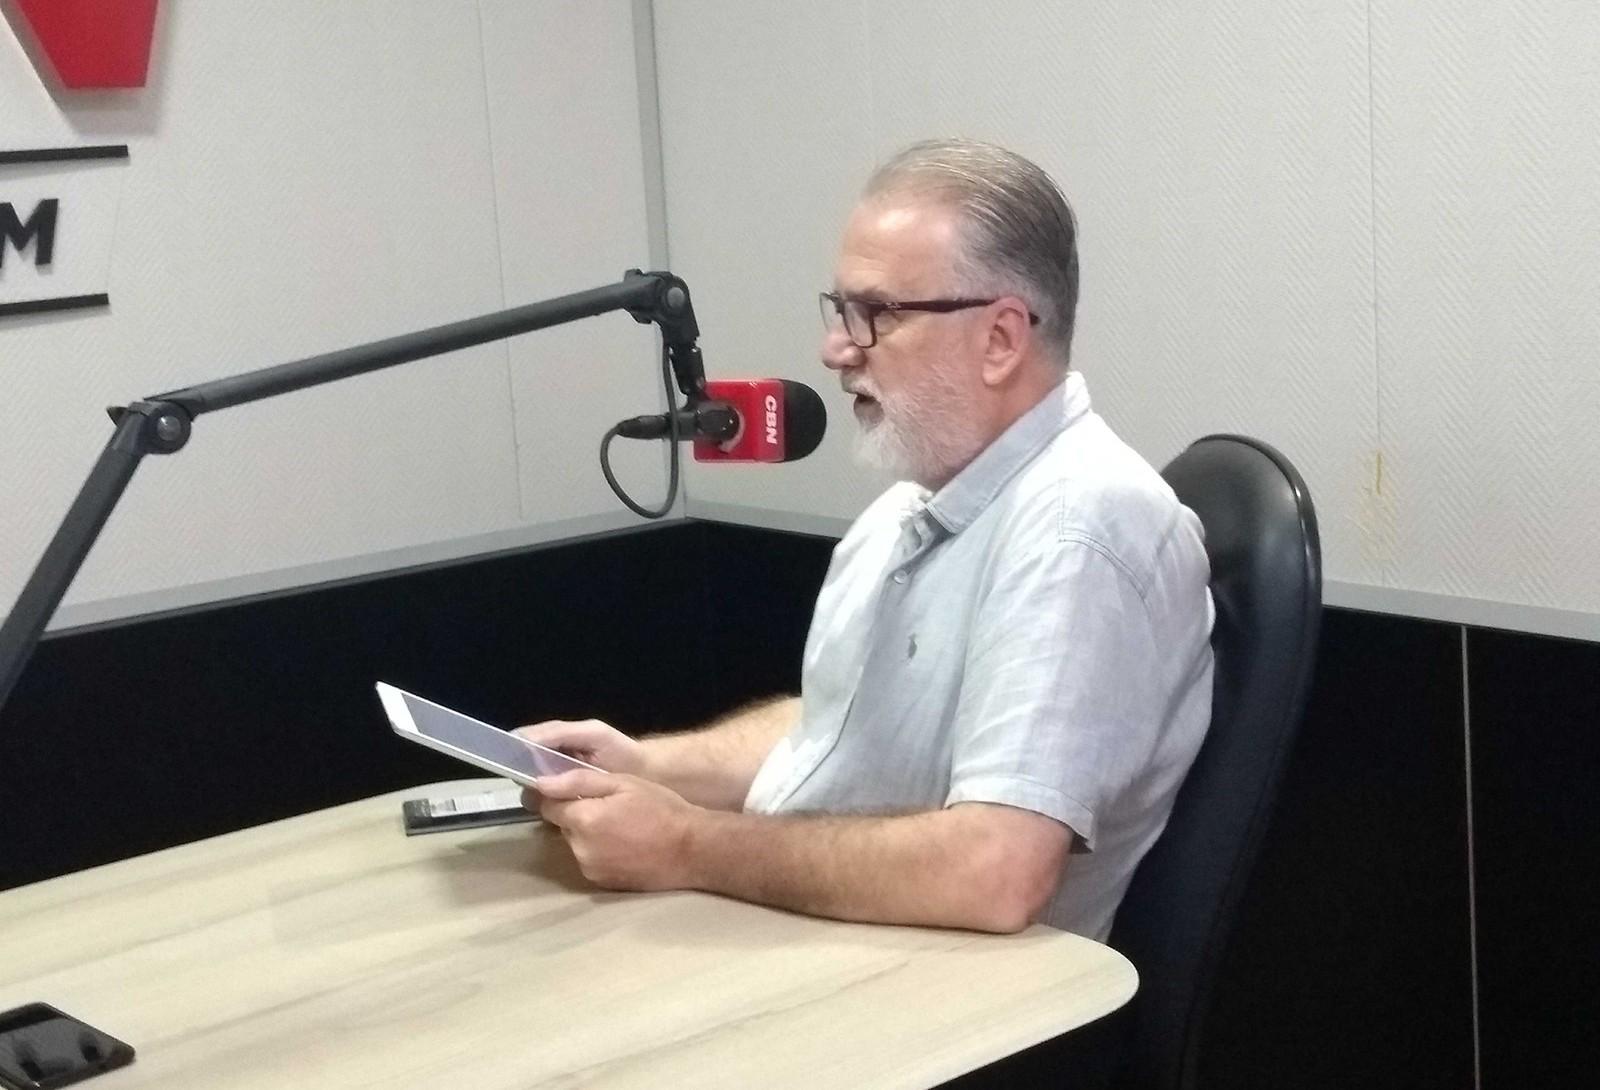 Partidos políticos trocam de nome no Brasil